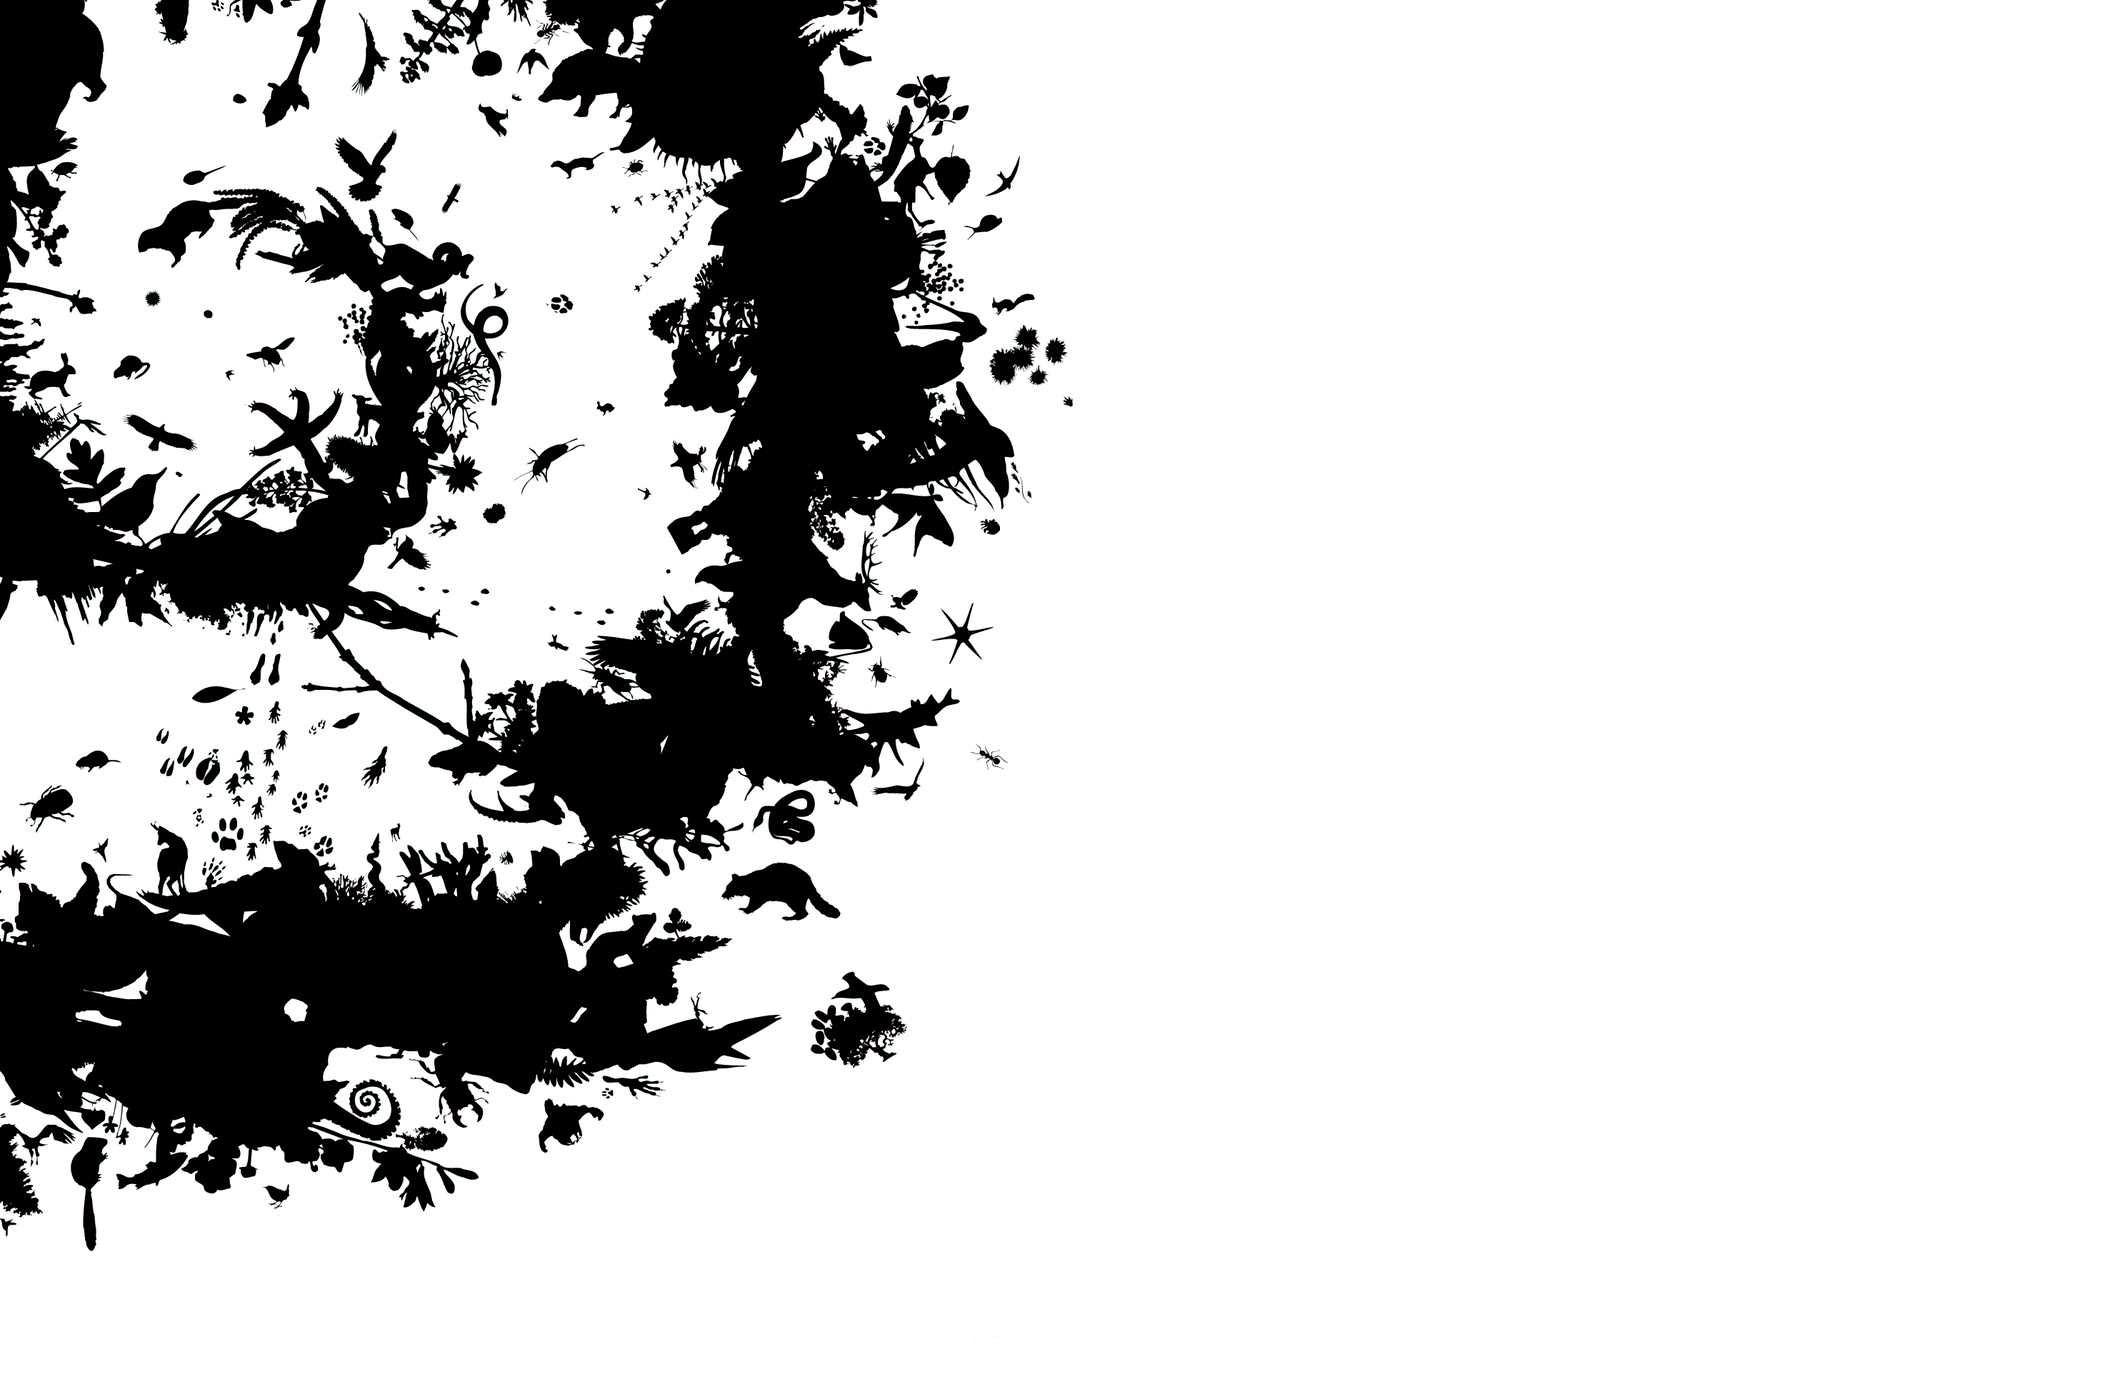 pierre-bernard-graphisme-atelier-de-creation-graphique-charte-graphique-pour-les-parcs-nationaux-de-france